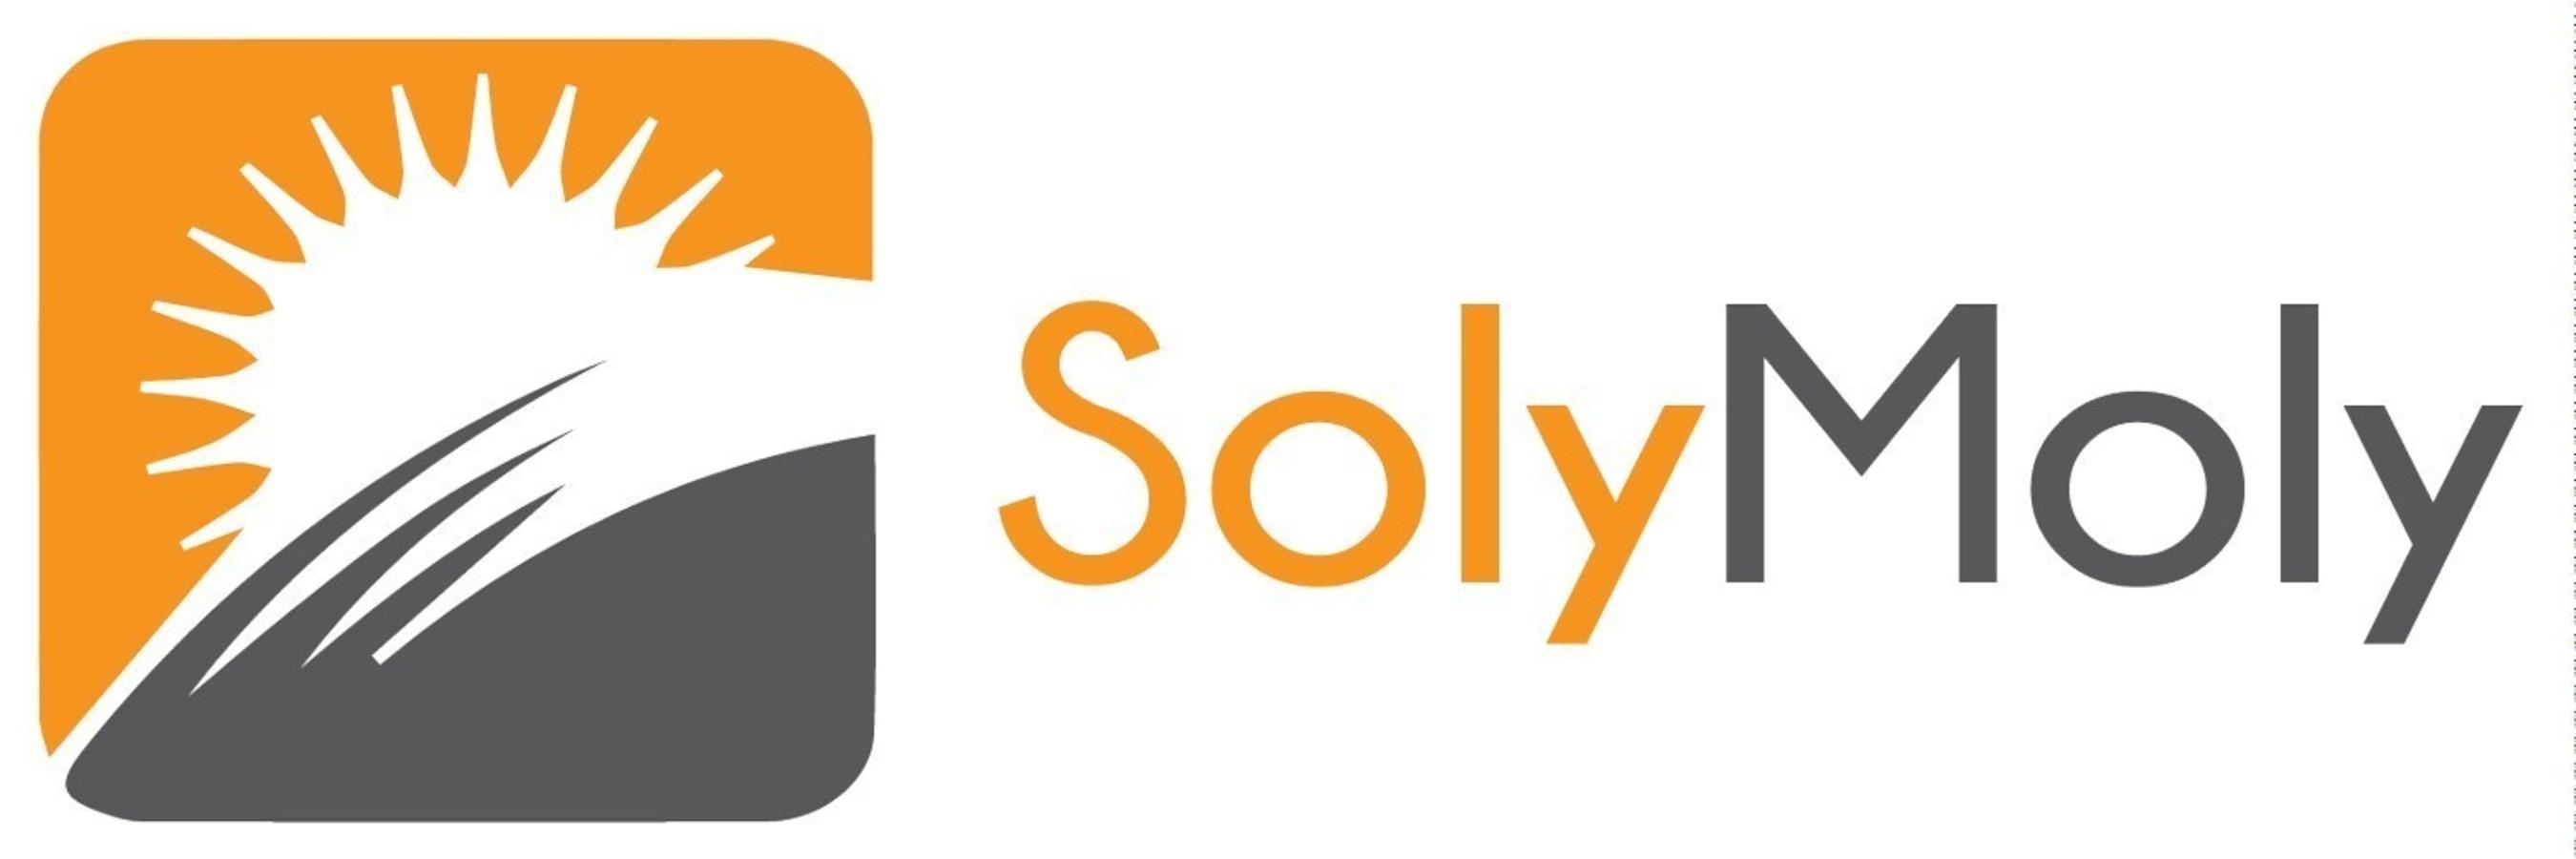 #CanYouSolyMoly